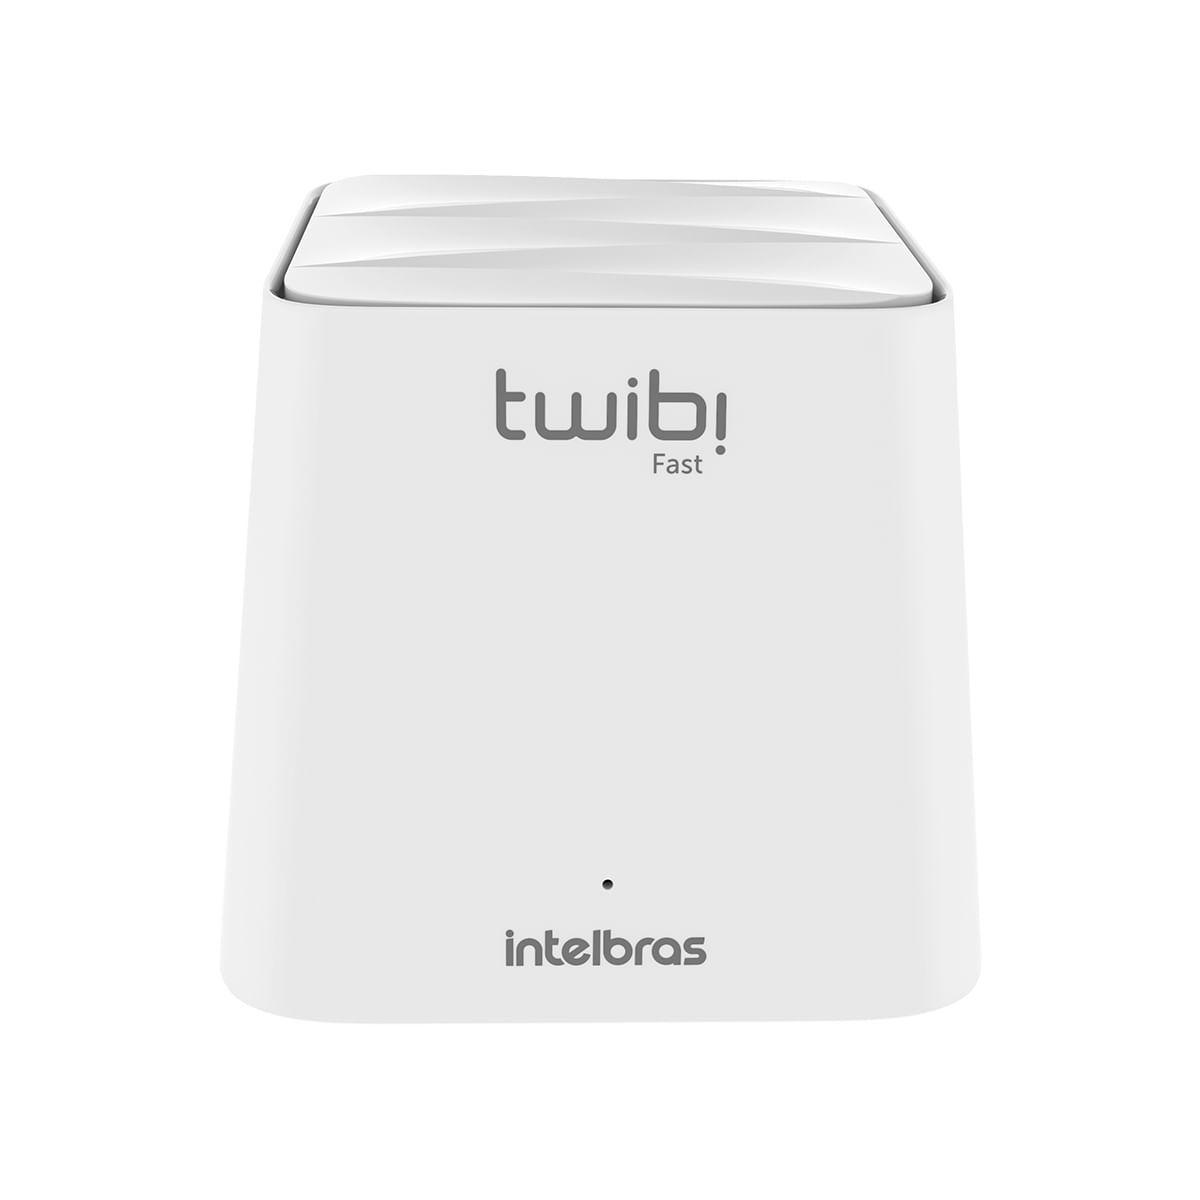 Roteador Twibi Fast Wi-Fi 5 Mesh Intelbras